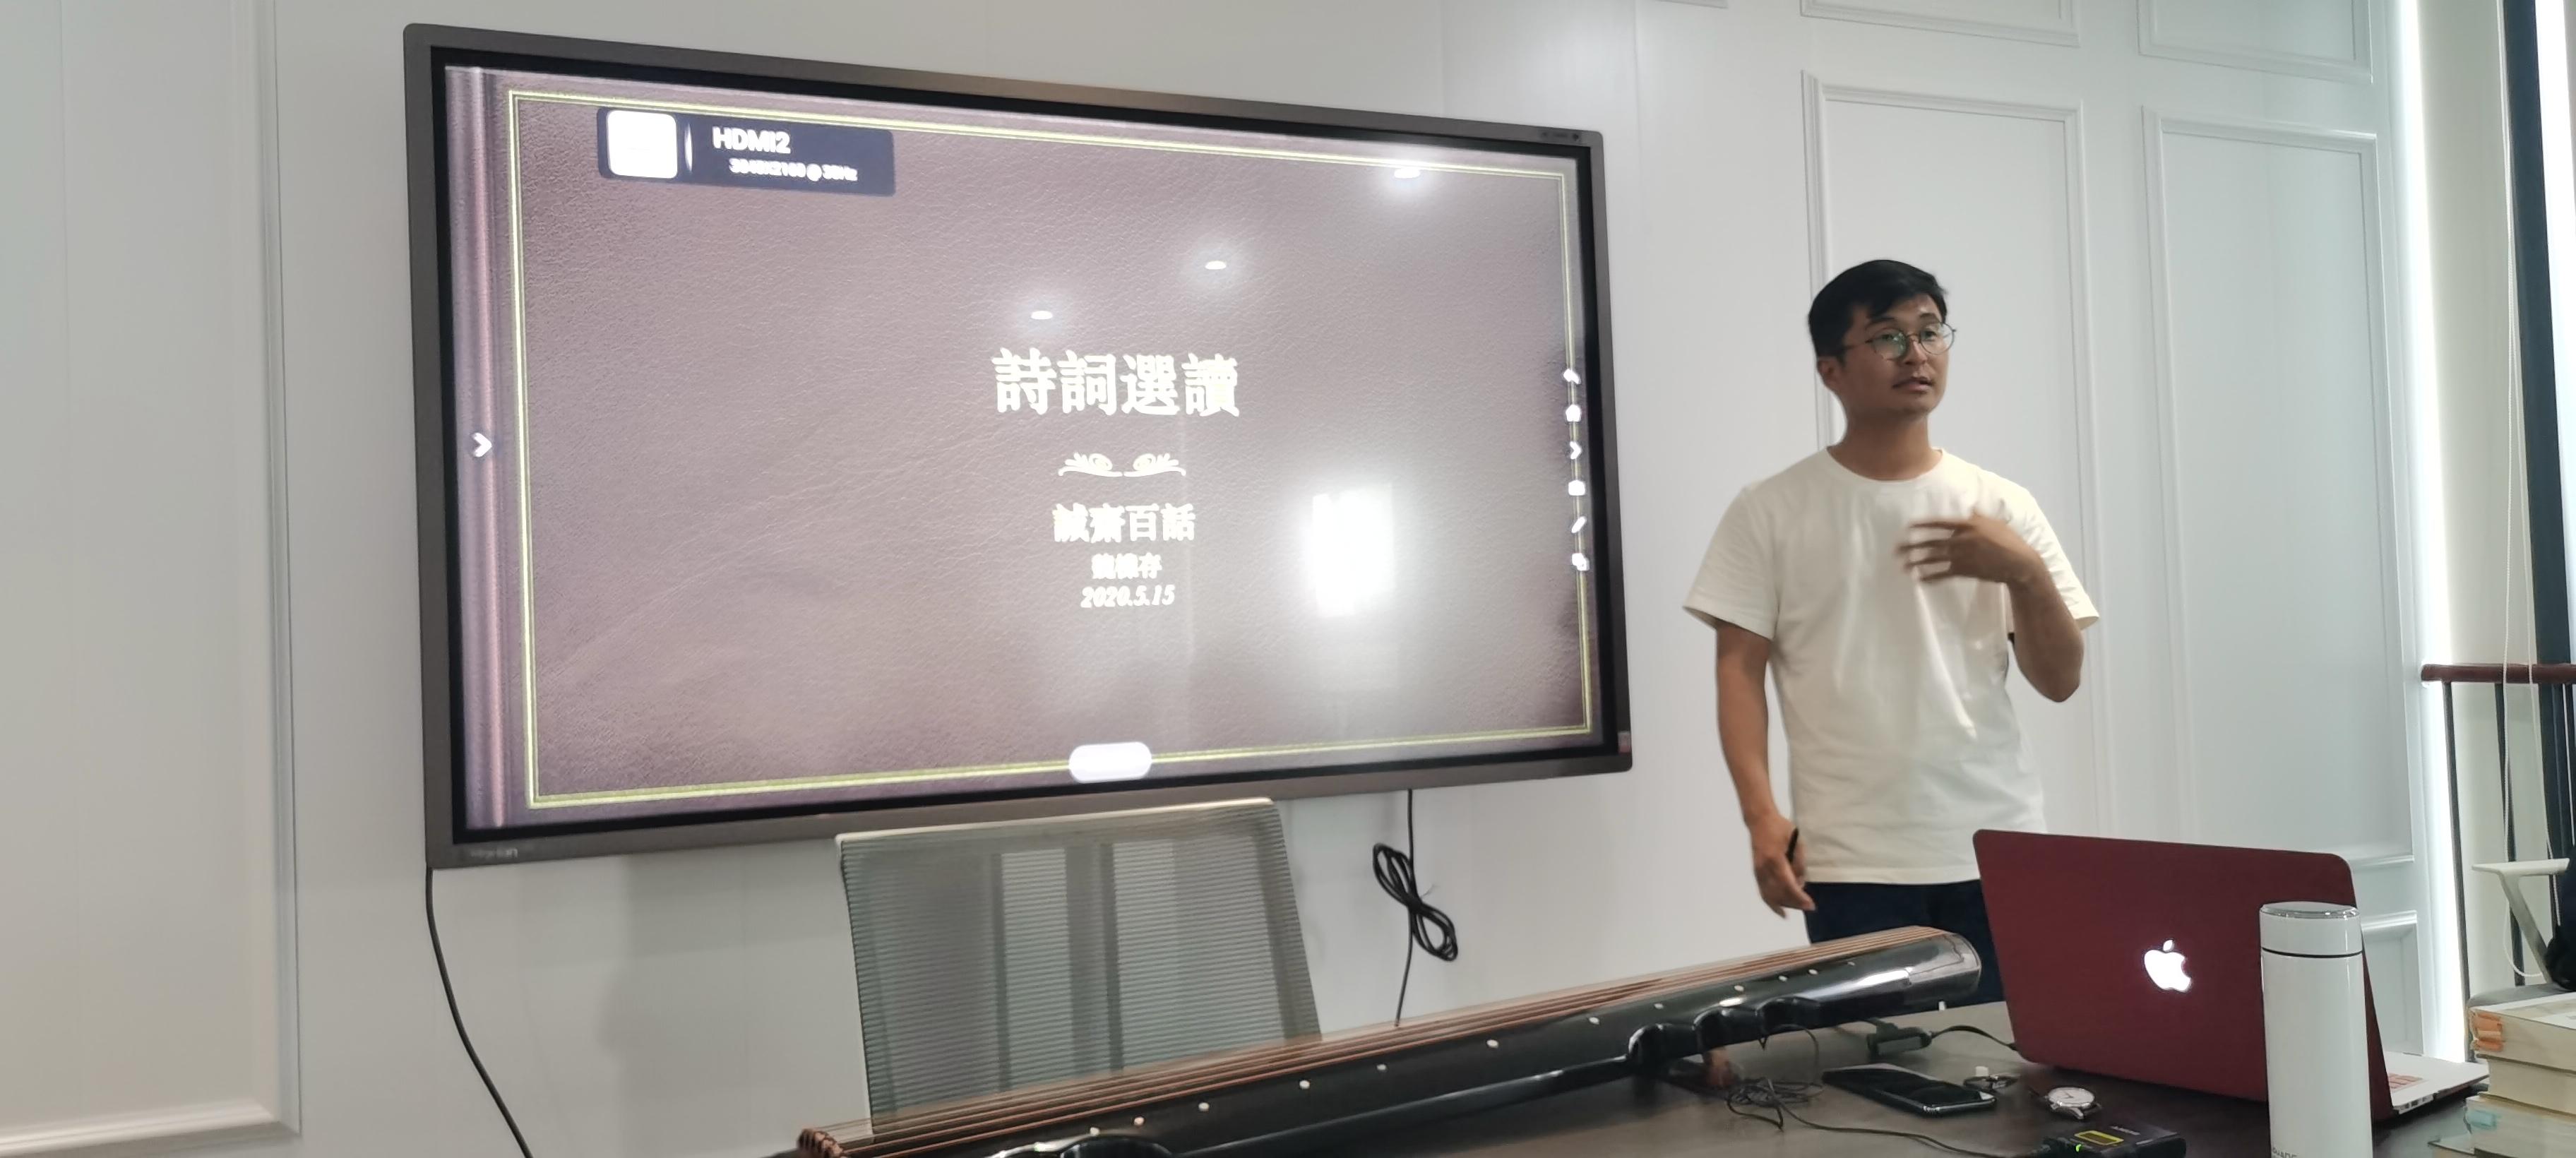 上海·戒成佀国旗戒赌中心迎来了第一堂国学精品课程,由魏朴存老师带来的【思想发展史简述】与【诗史选读精讲】